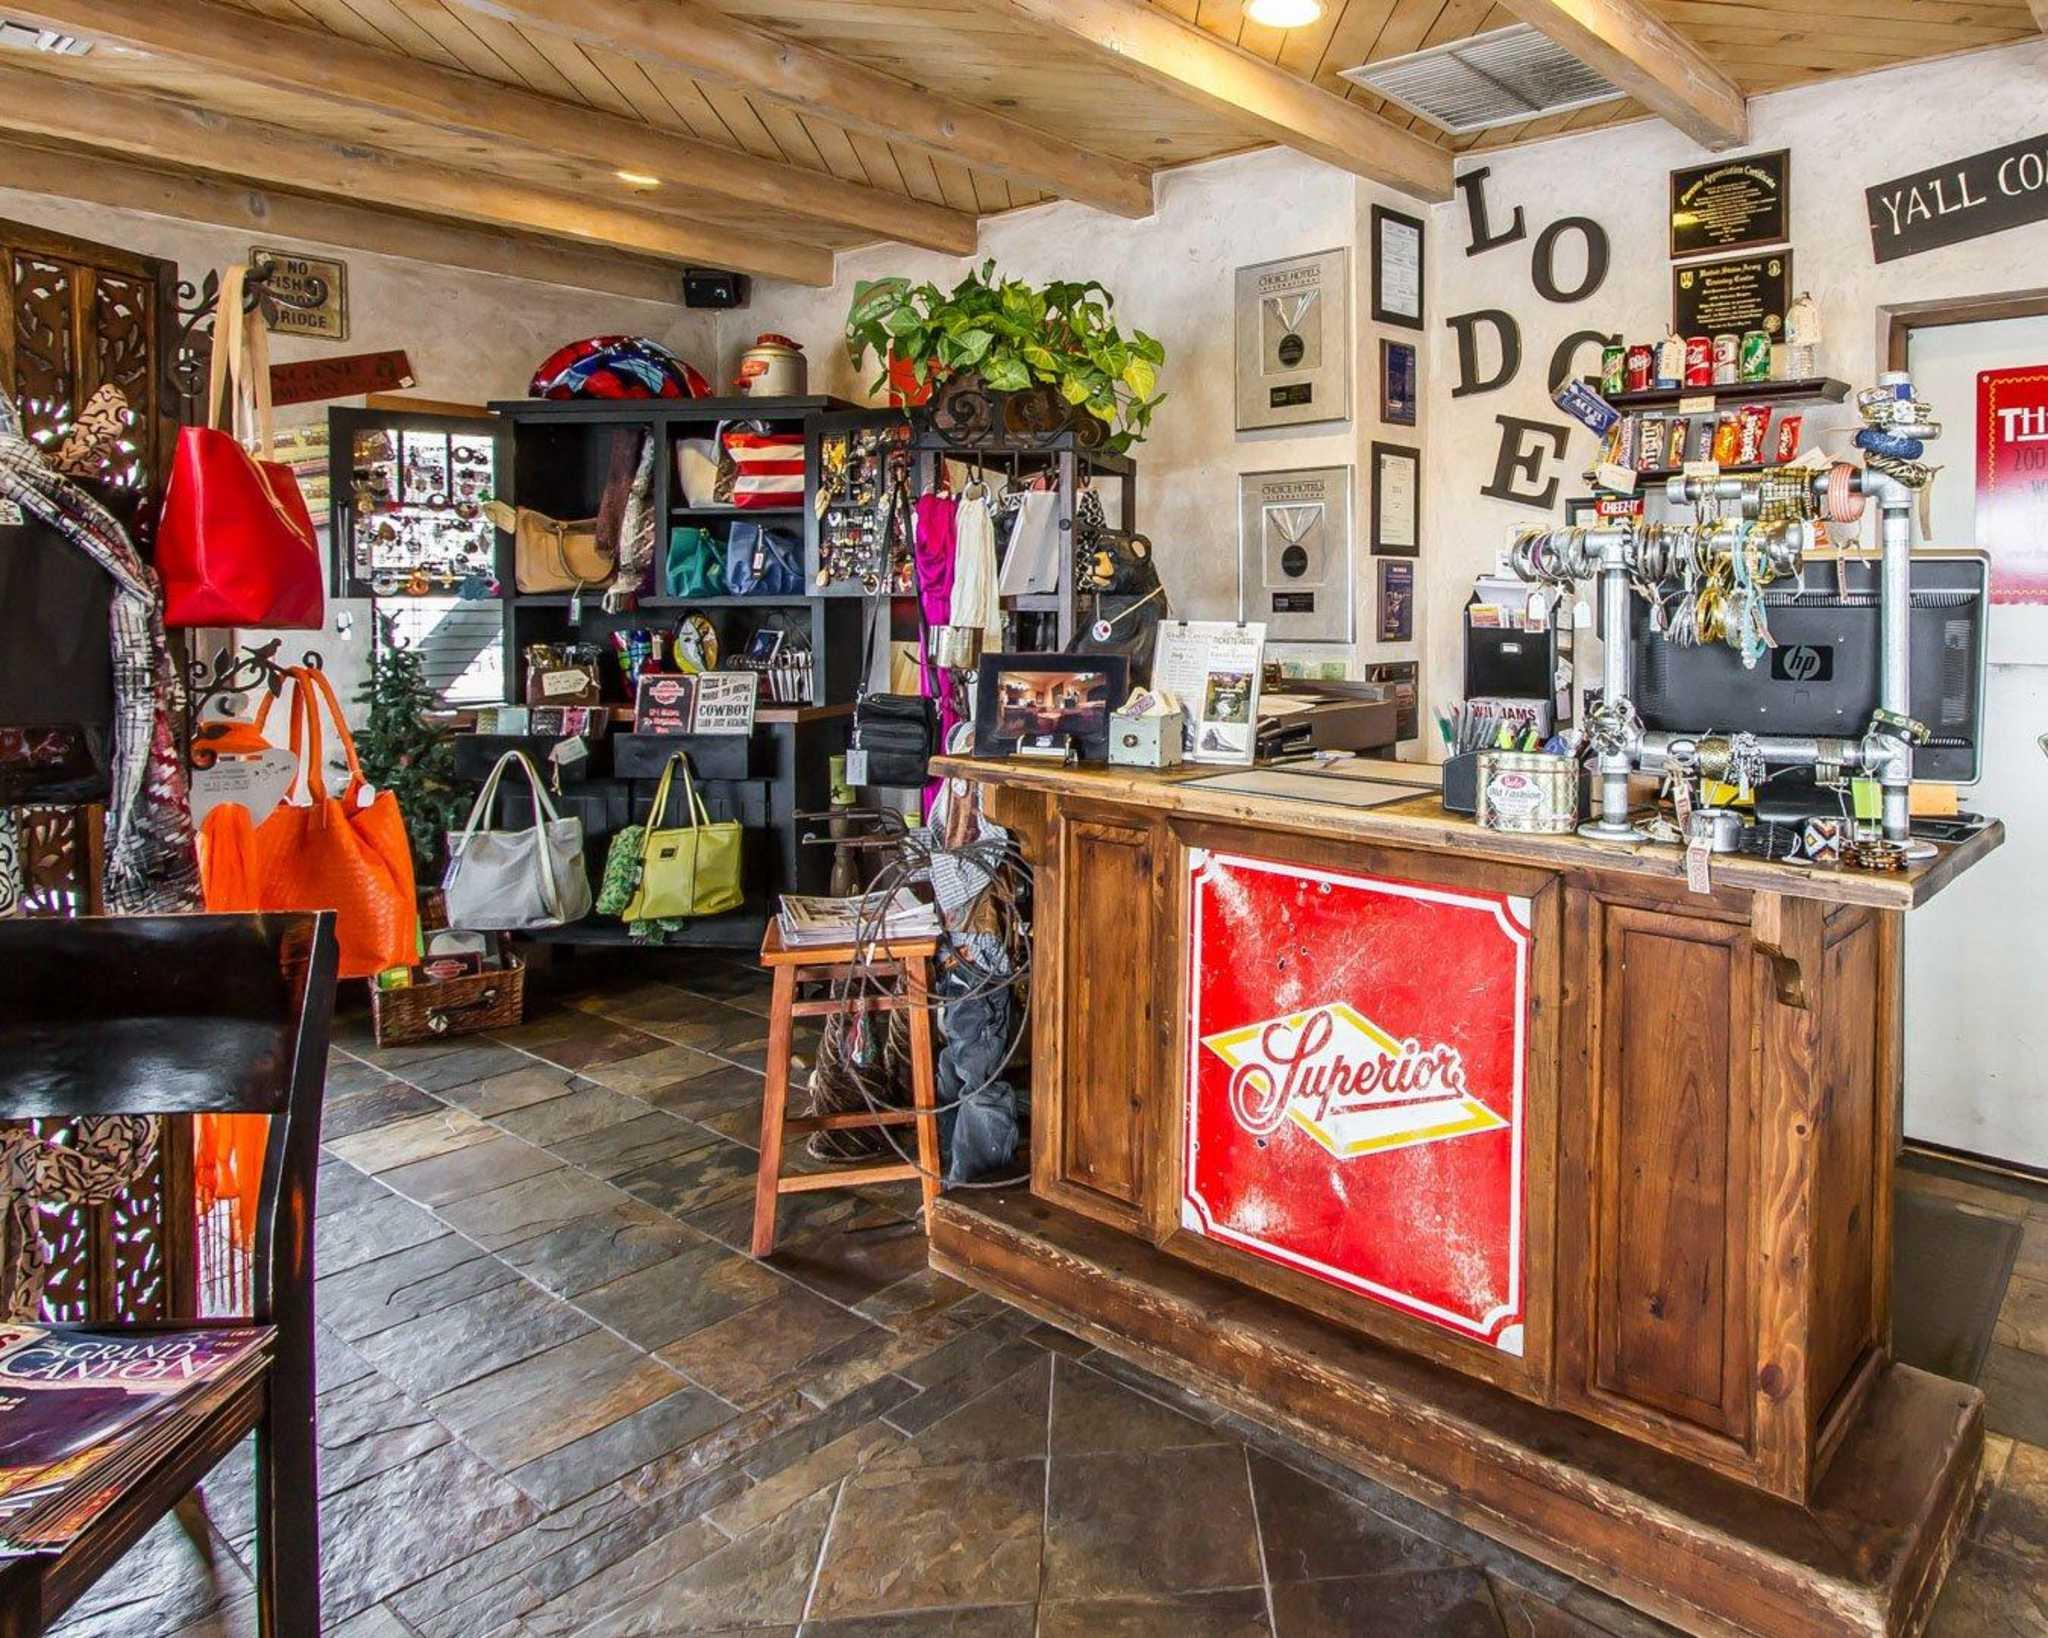 Rodeway Inn & Suites Downtowner-Rte 66 image 16